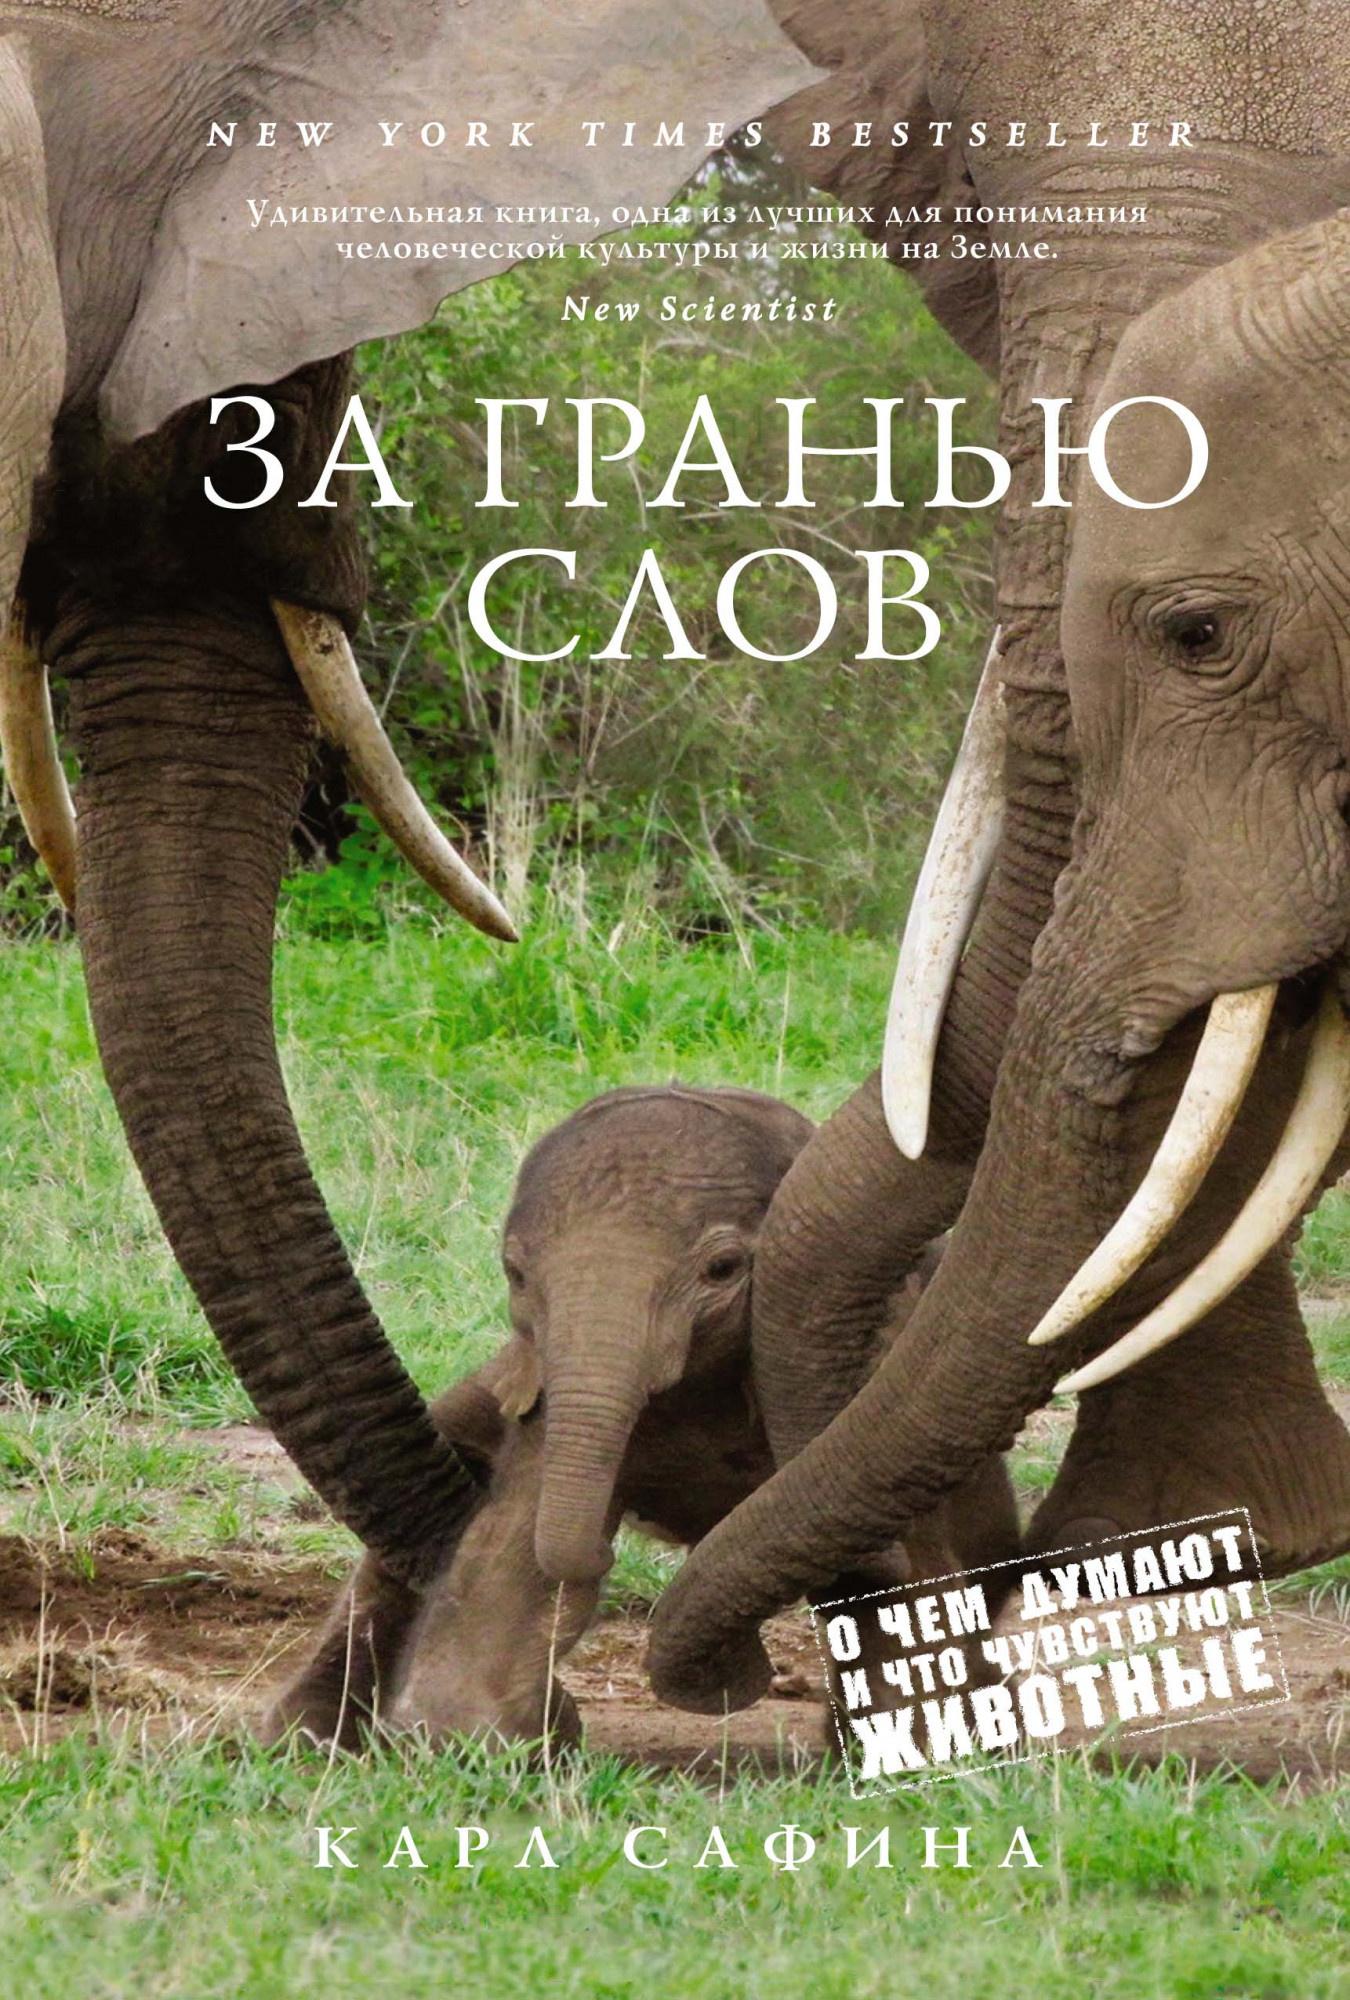 За гранью слов. О чем думают и что чувствуют животные. Автор — Карл Сафина. Переплет —